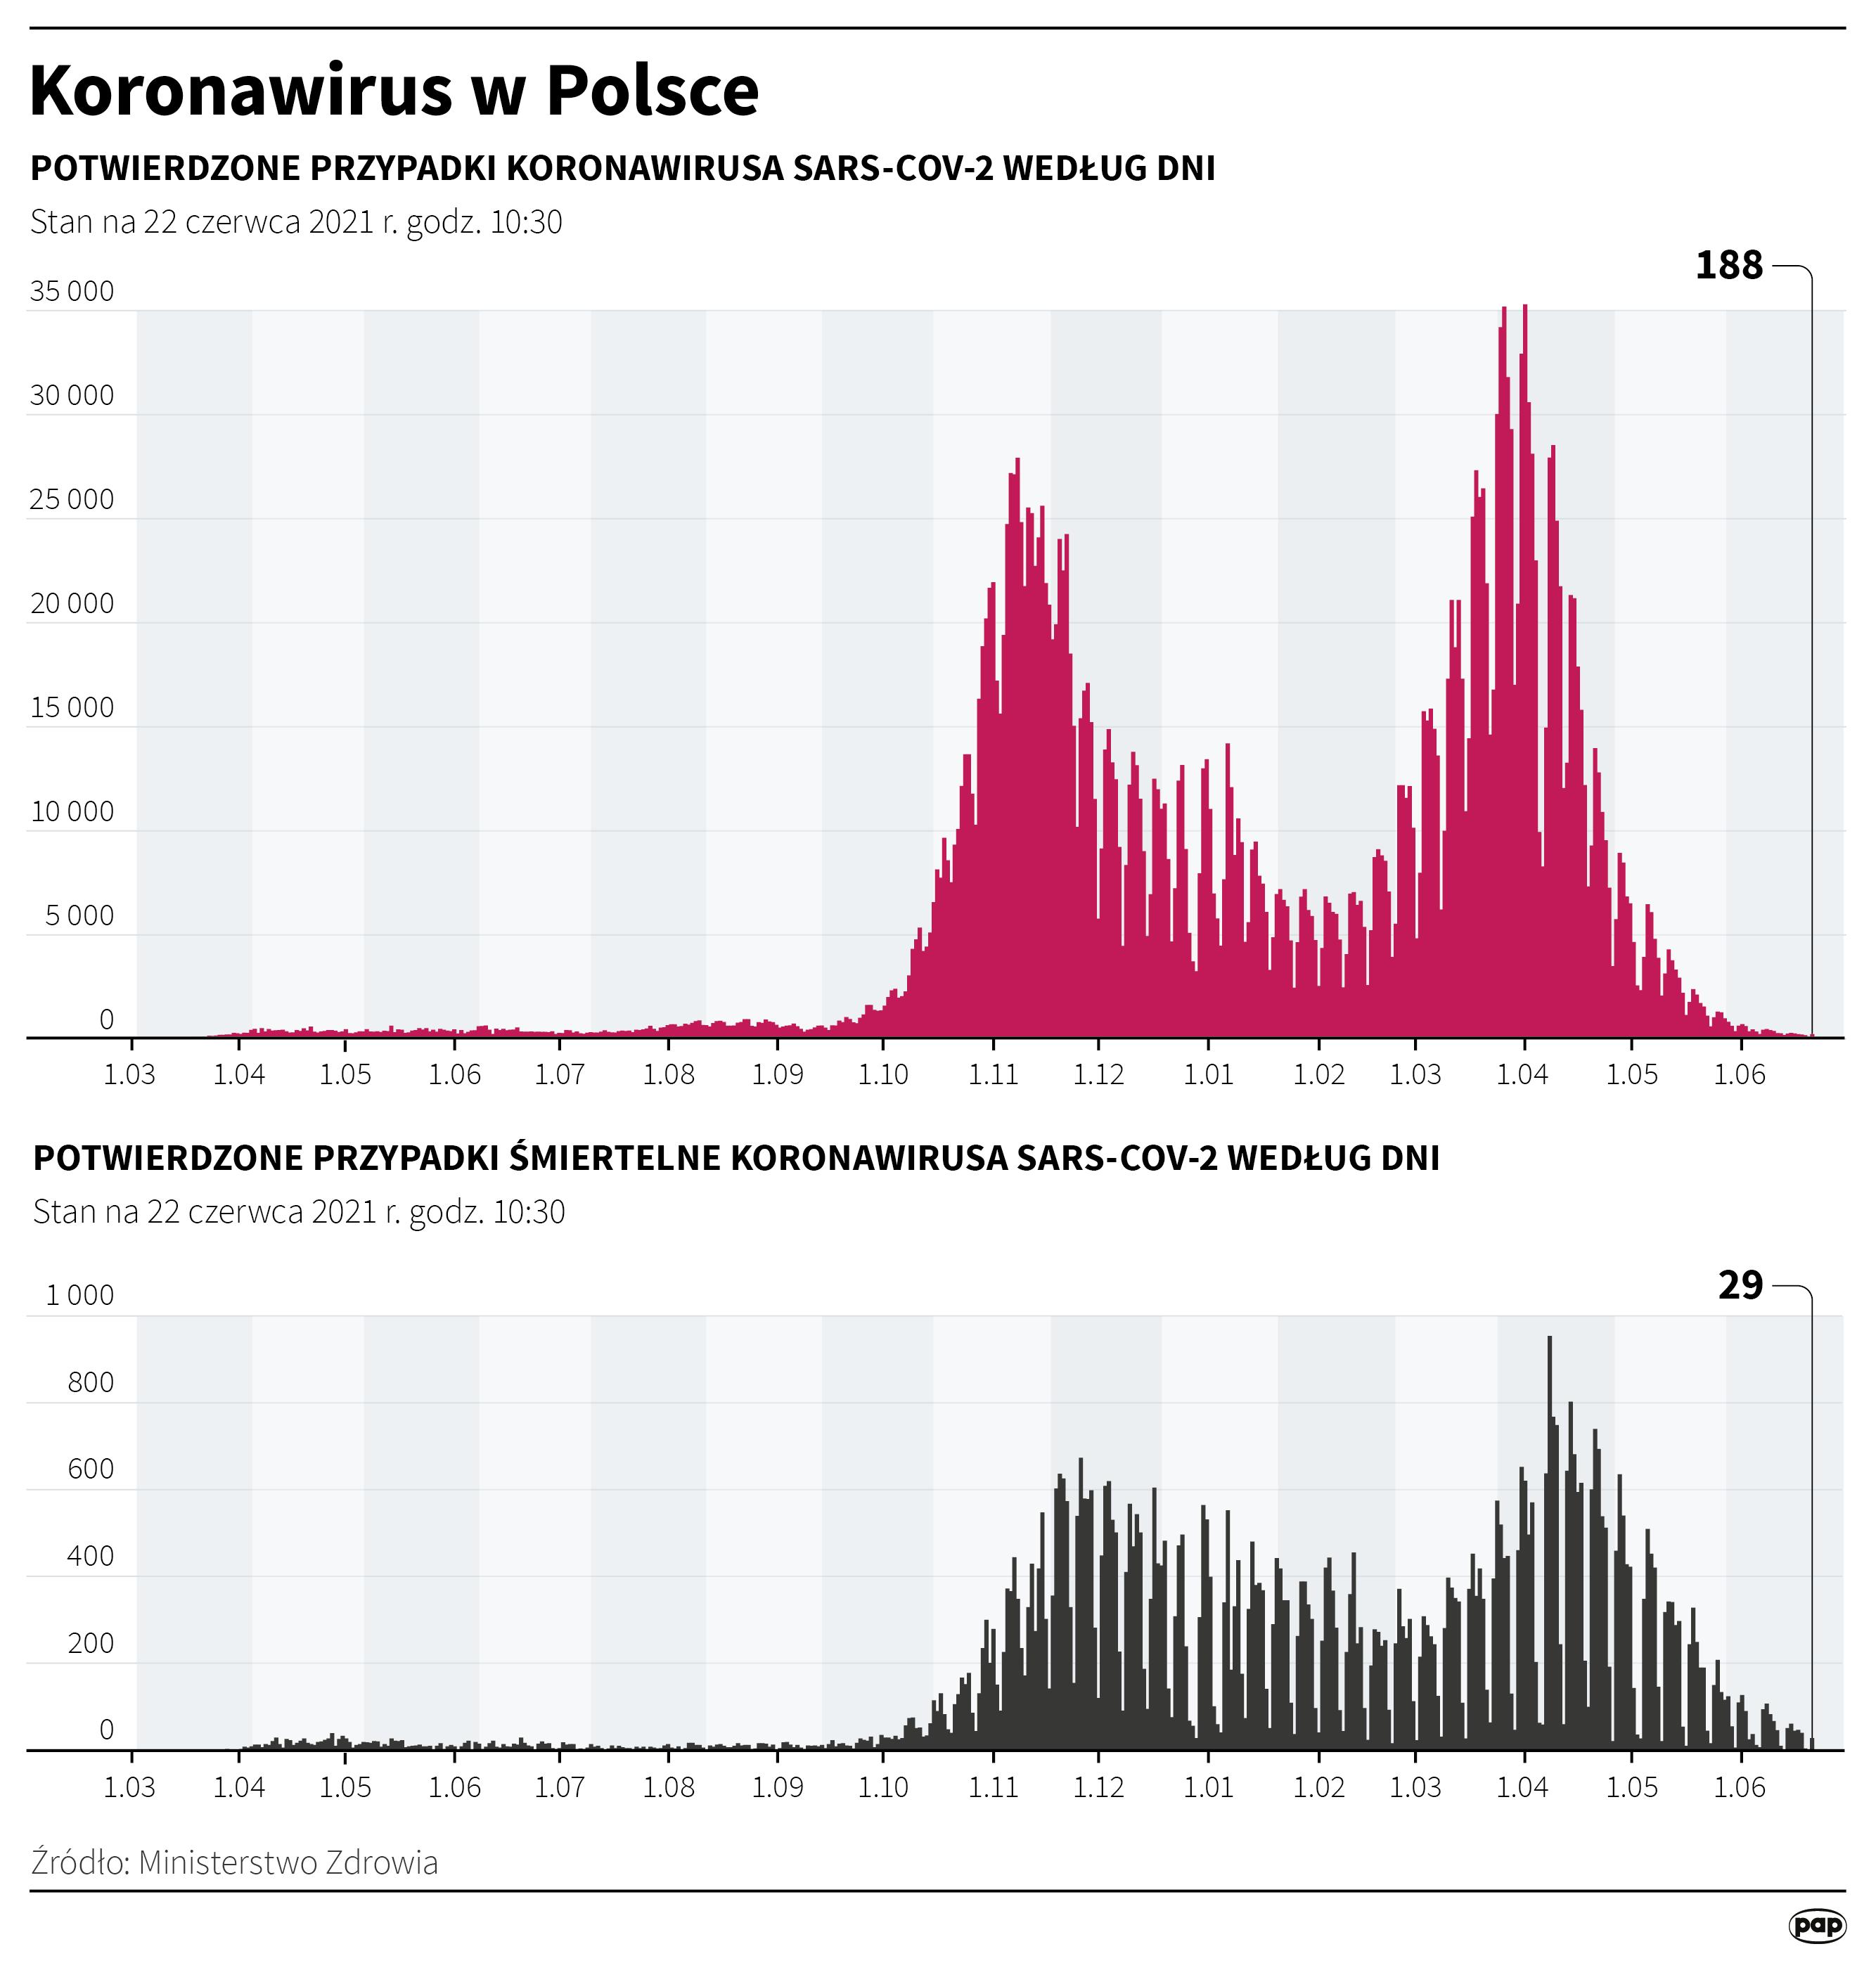 Koronawirus w Polsce stan na 22 czerwca [autor: Maciej Zieliński, źródło: PAP]